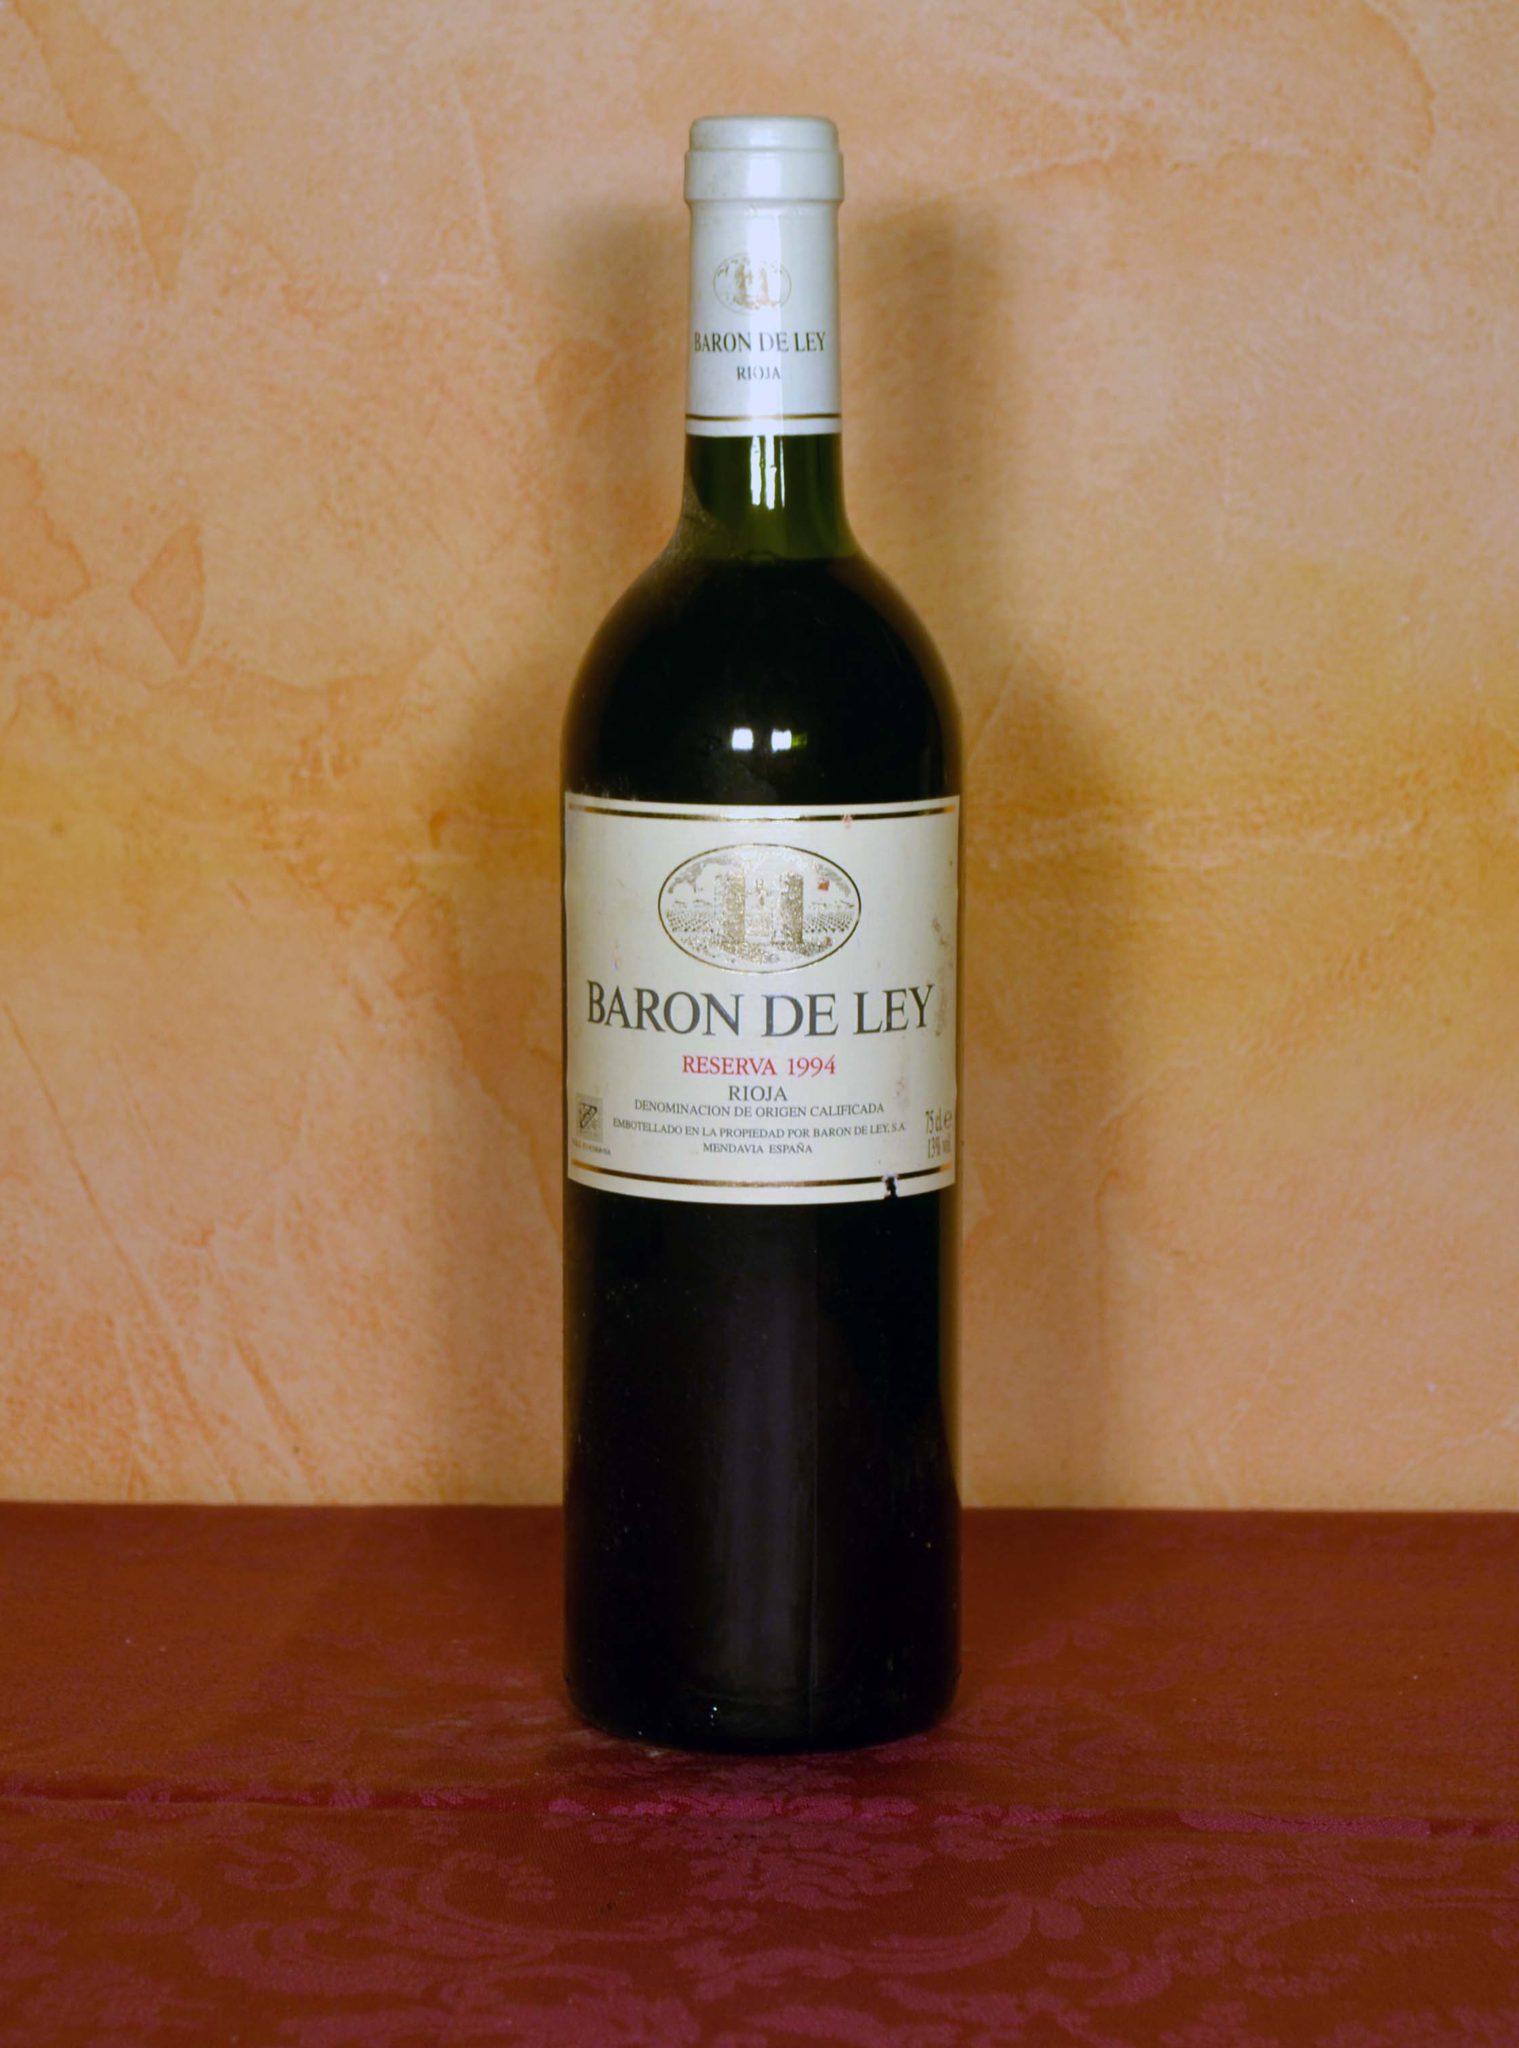 Baron de Ley Reserva 1994